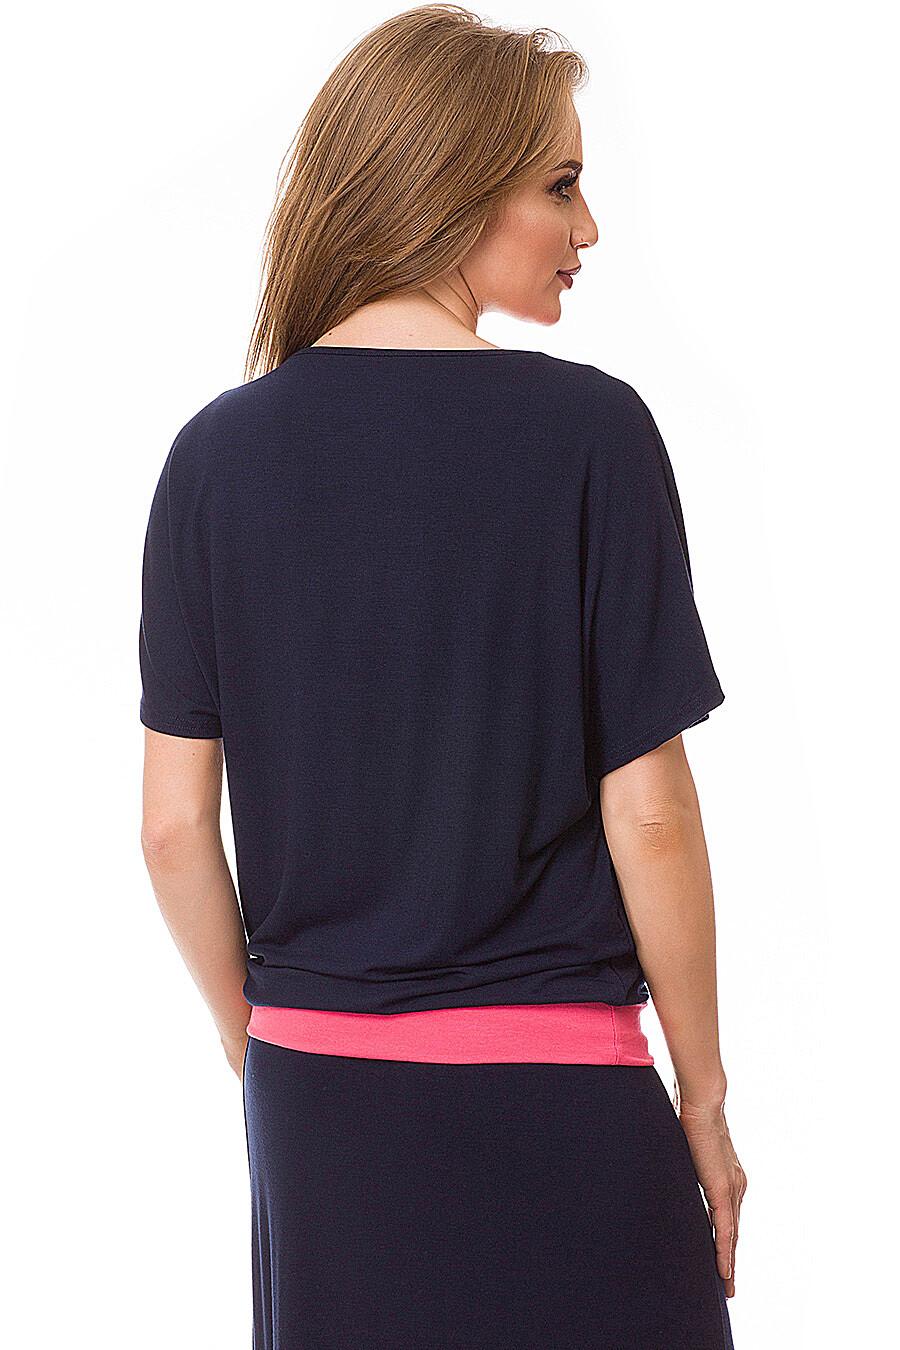 Блузка FOUR STYLES (119732), купить в Moyo.moda